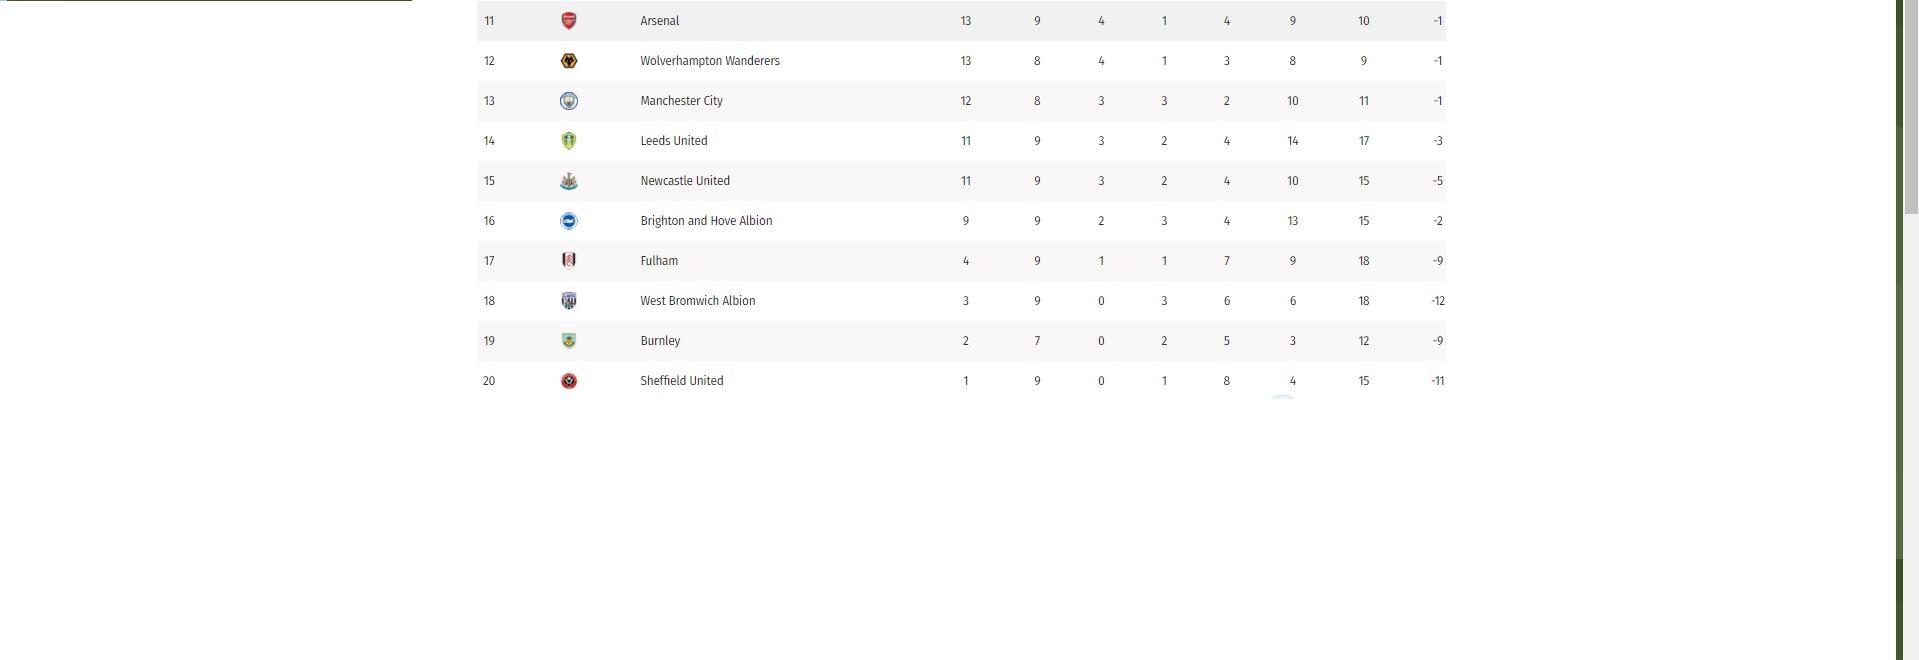 Liverpool y Everton ganaron, pero hay nuevo líder: así está la tabla 2